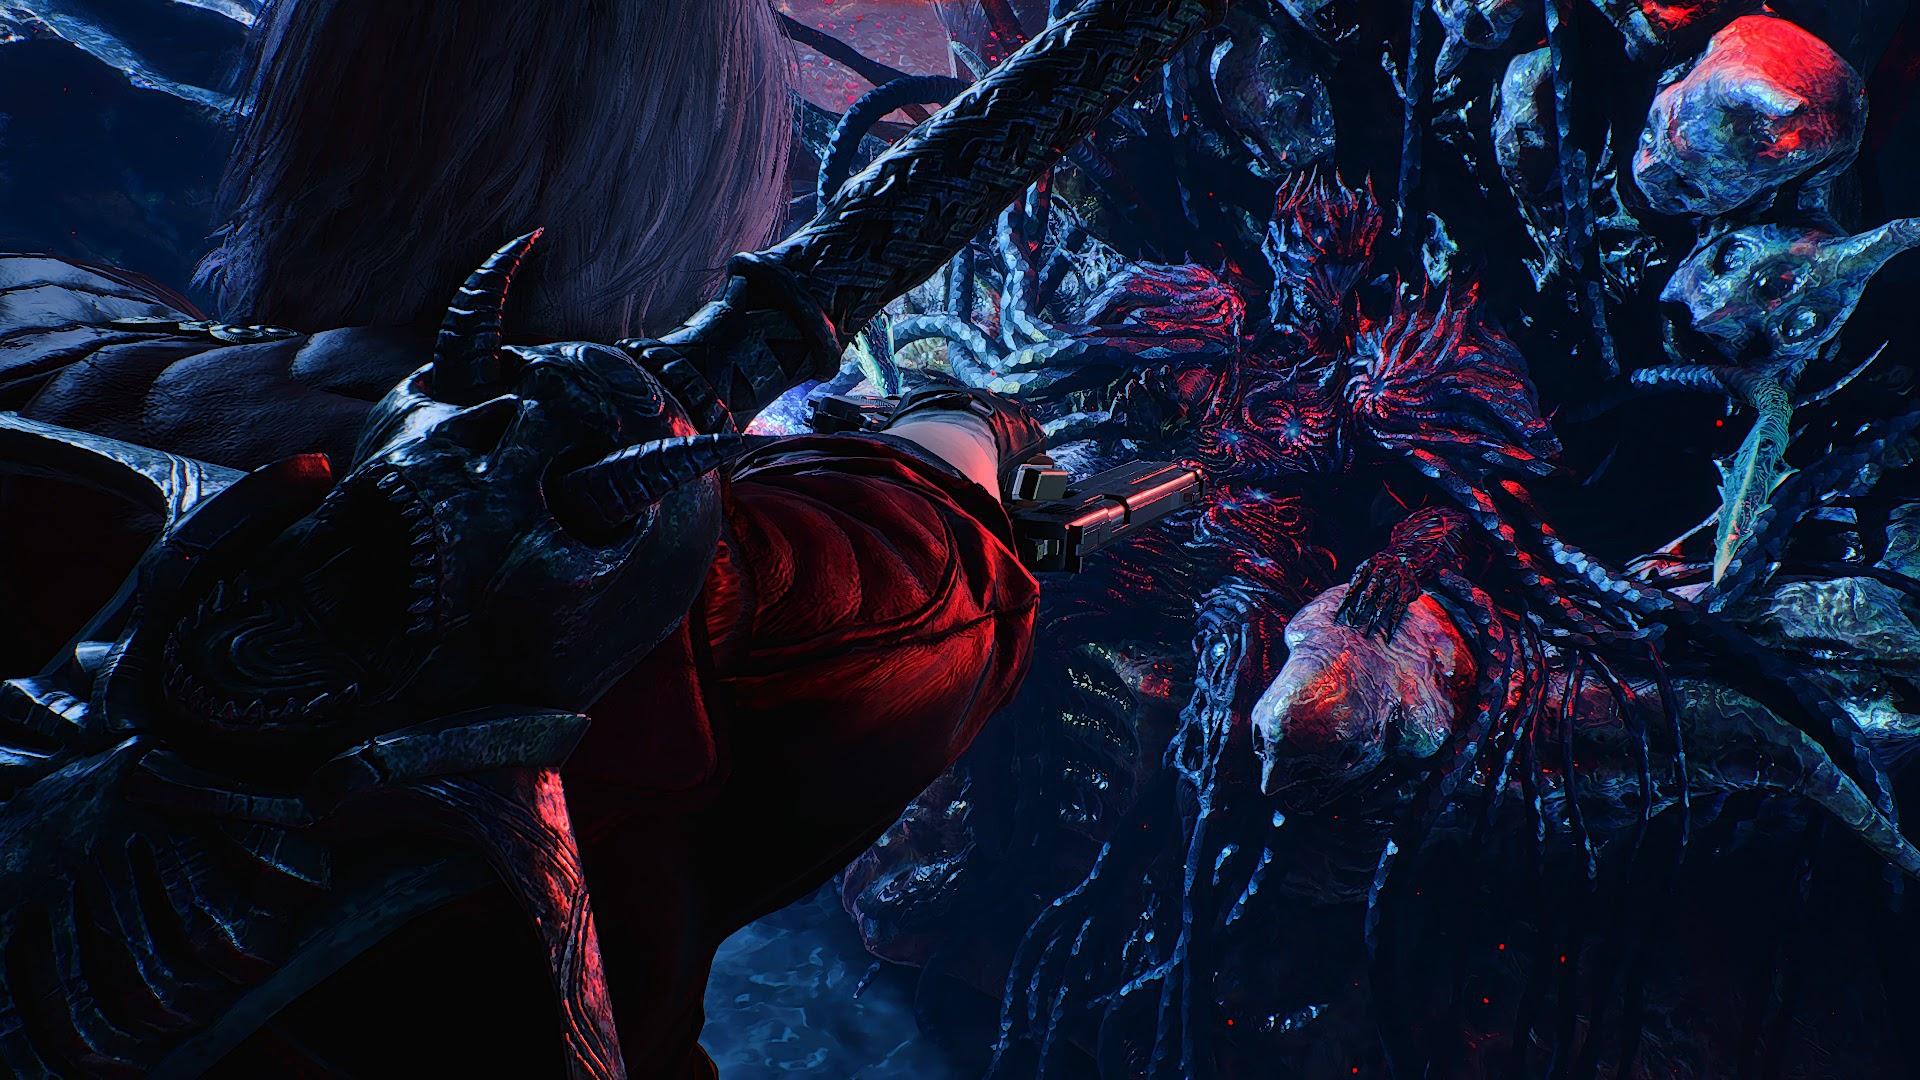 Devil May Cry 5 Dante Vs Urizen 4k Wallpaper 205